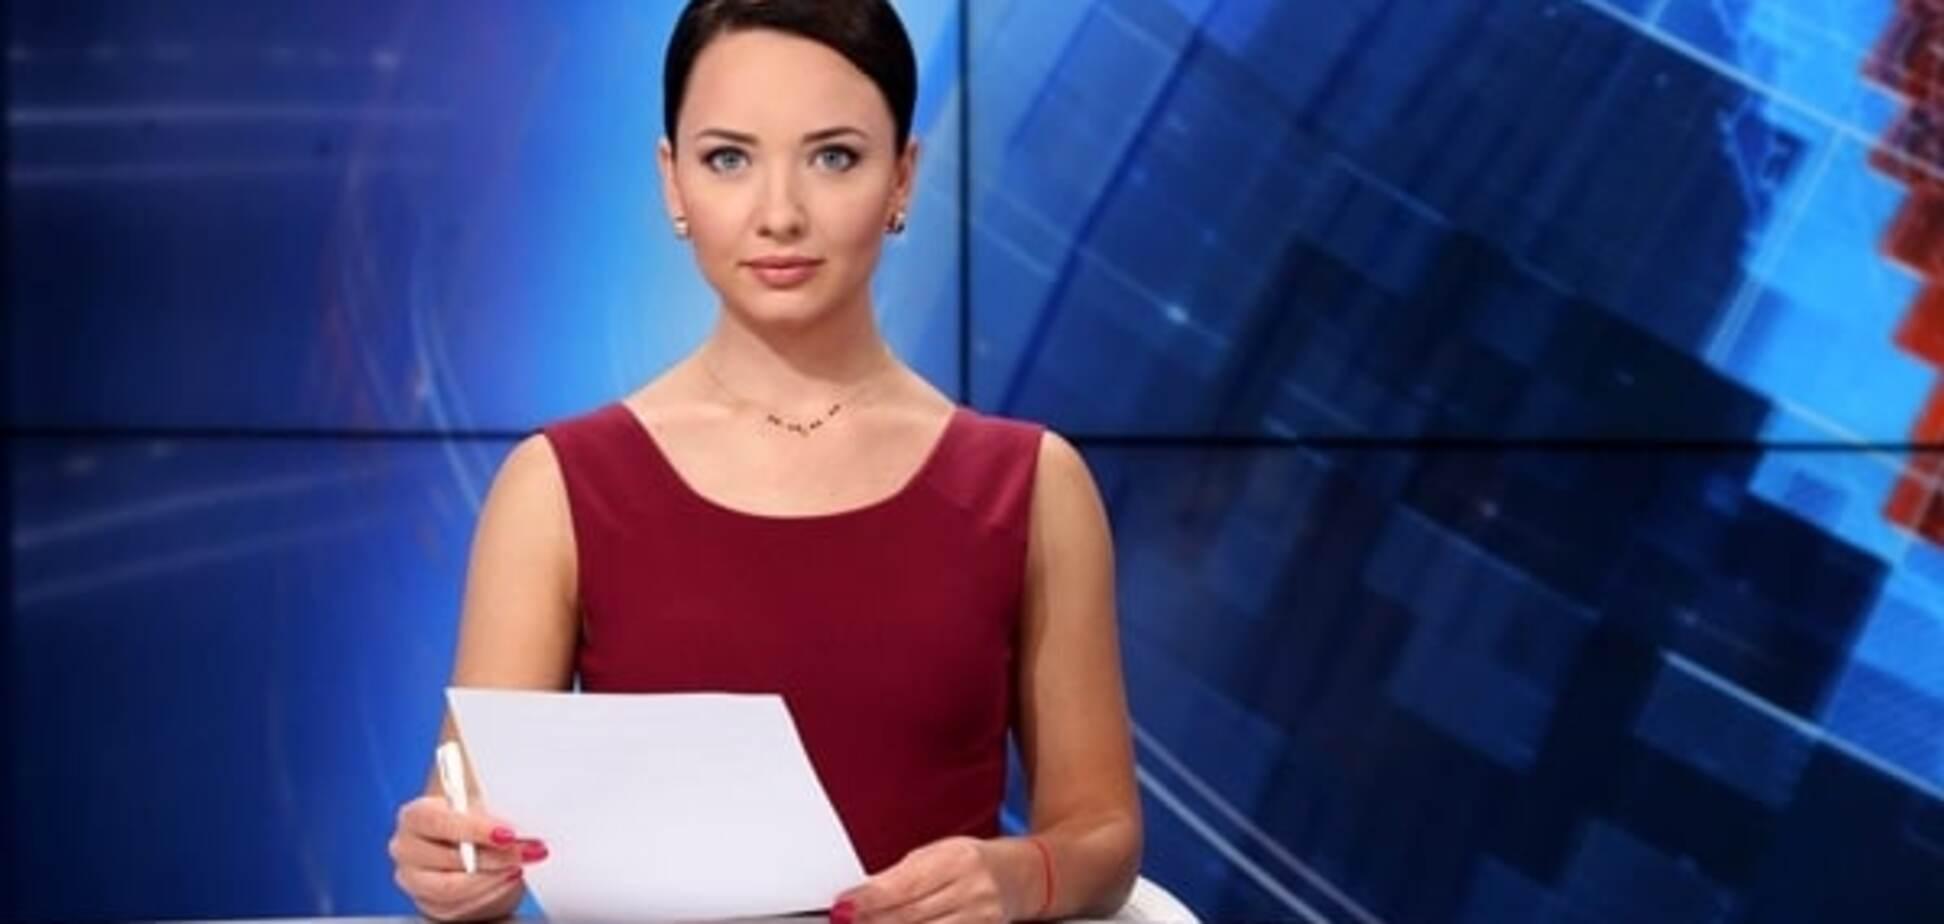 Знай наших! Украинская телеведущая непринужденно повторила название деревни из 56 букв: видеофакт